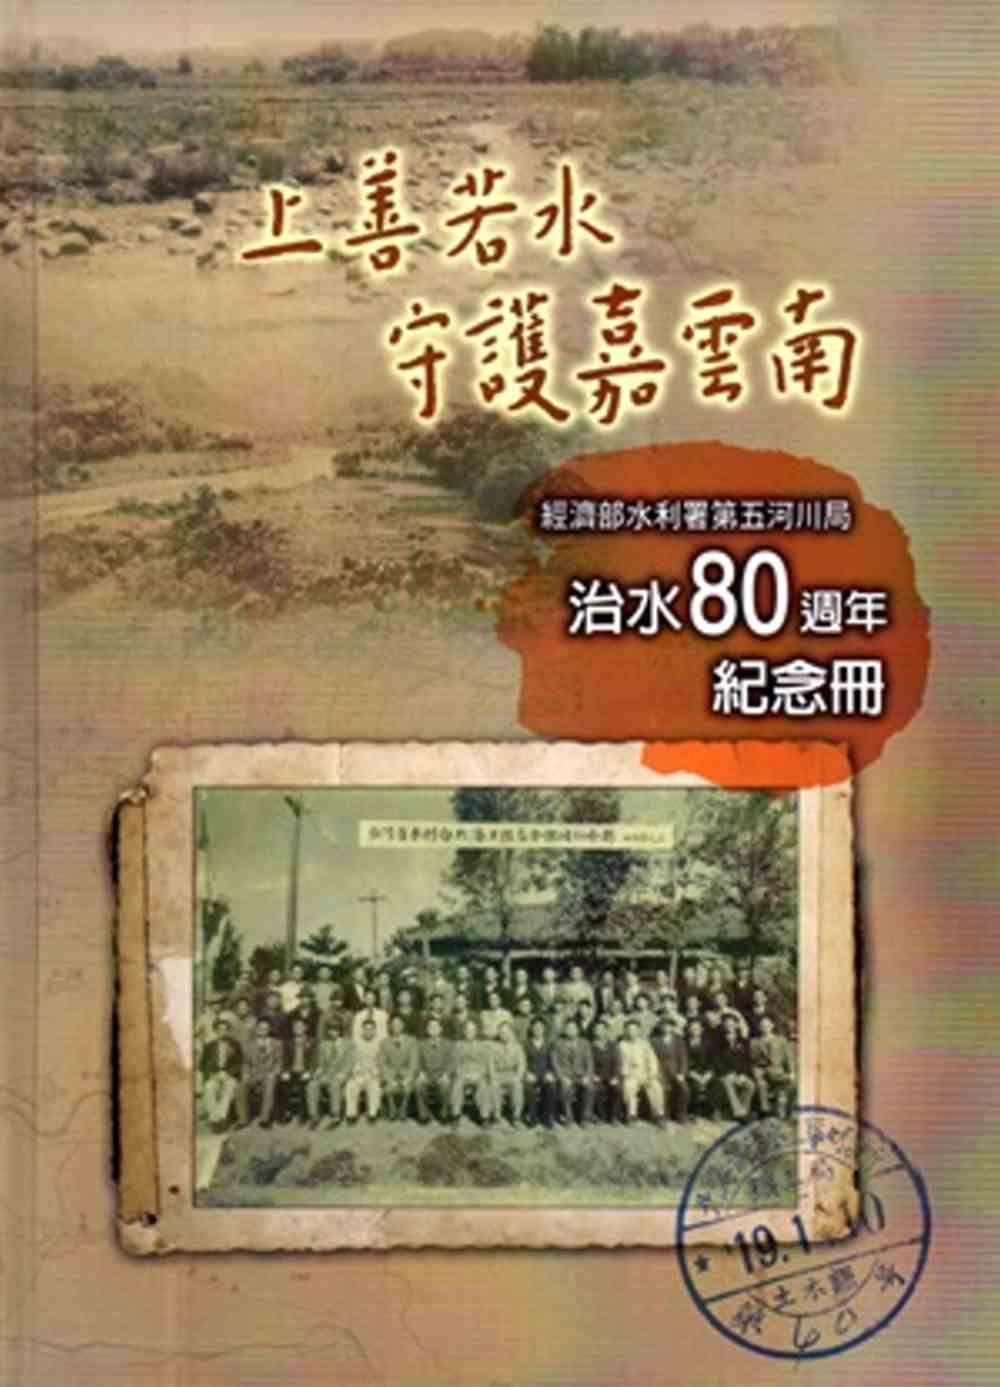 上善若水守護雲嘉南 經濟部水利署第五河川局治水80周年紀念冊